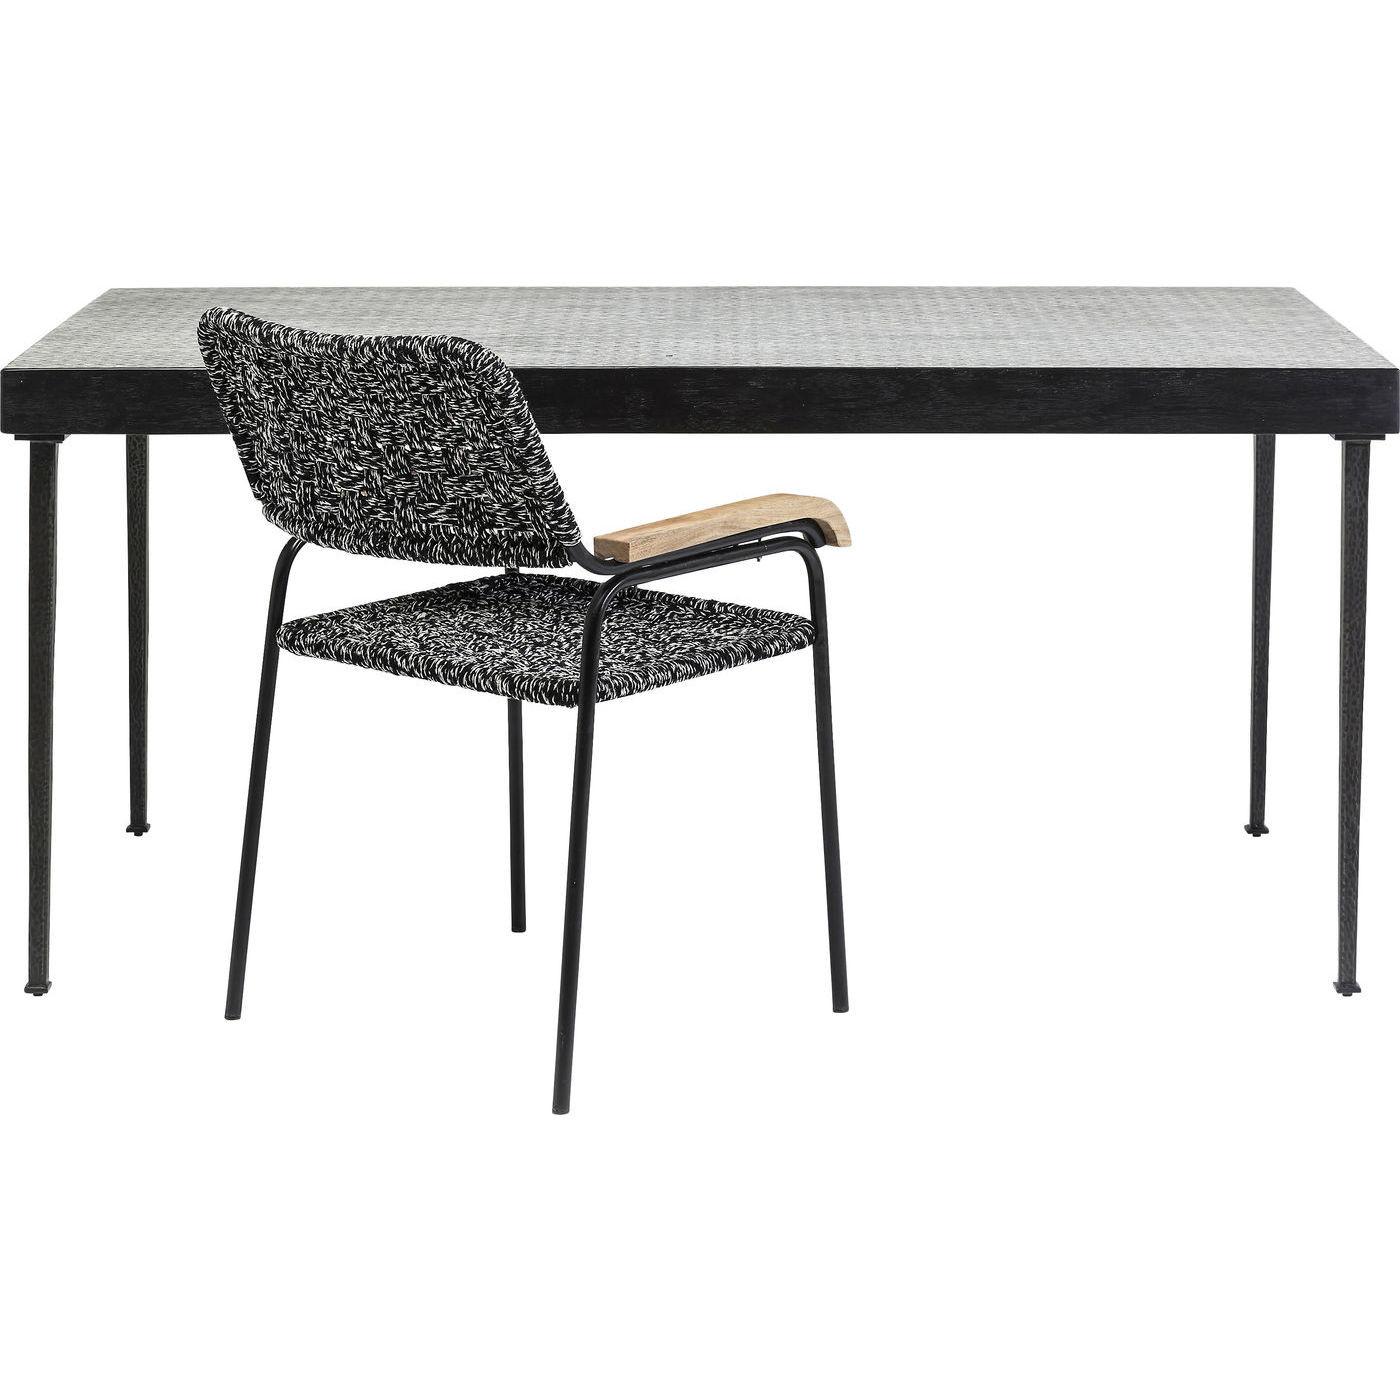 tisch thekla 160x80cm kare design mutoni m bel. Black Bedroom Furniture Sets. Home Design Ideas